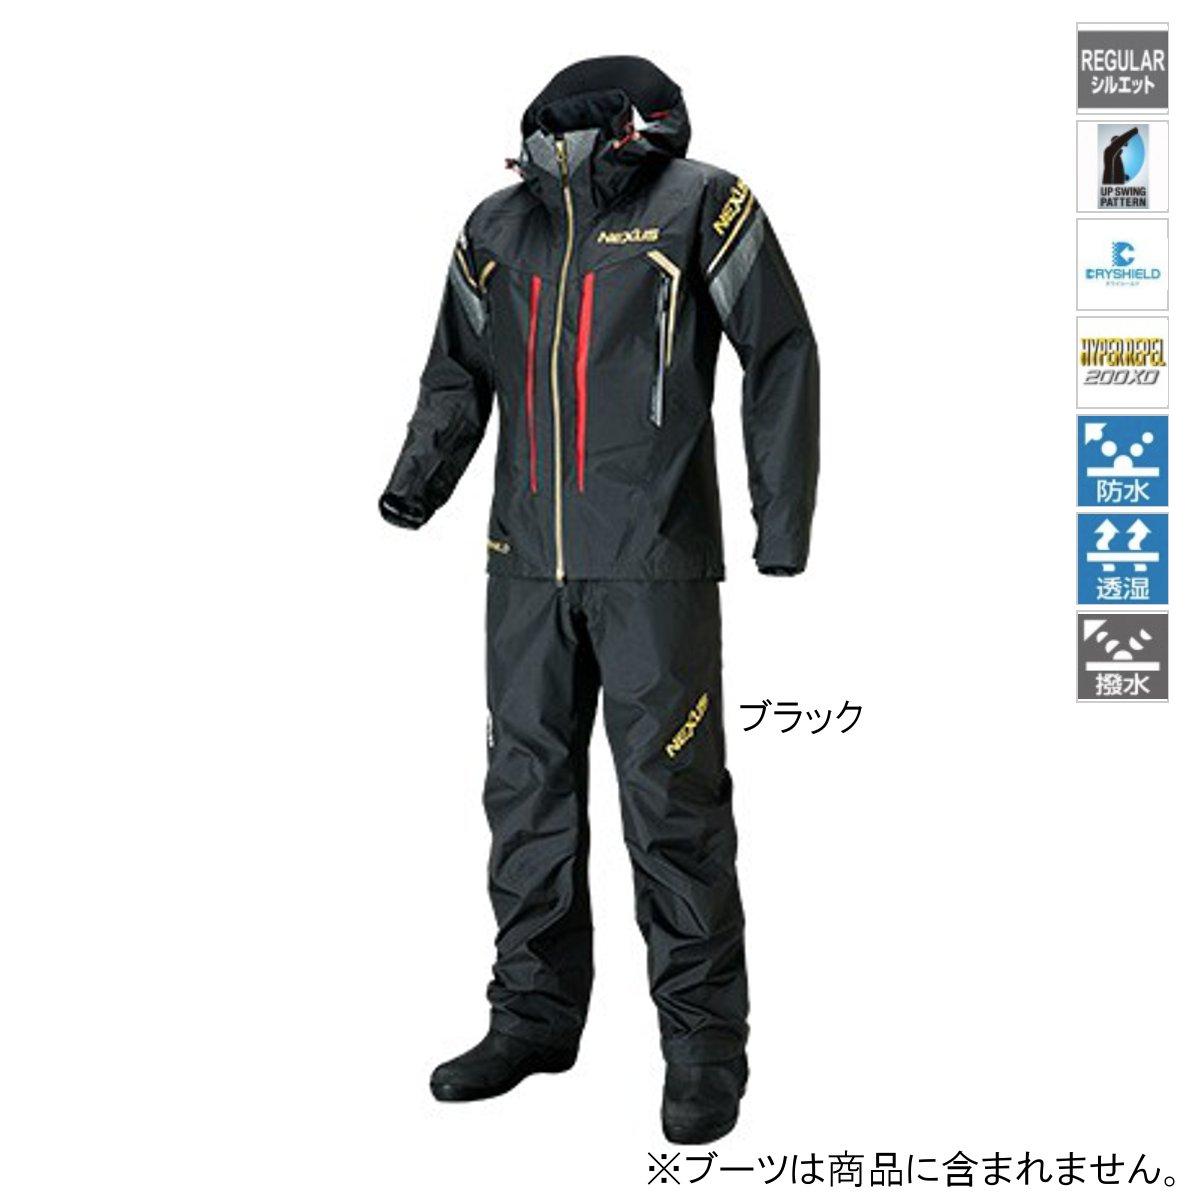 シマノ NEXUS・DS タフレインスーツ RA-124S L ブラック【送料無料】